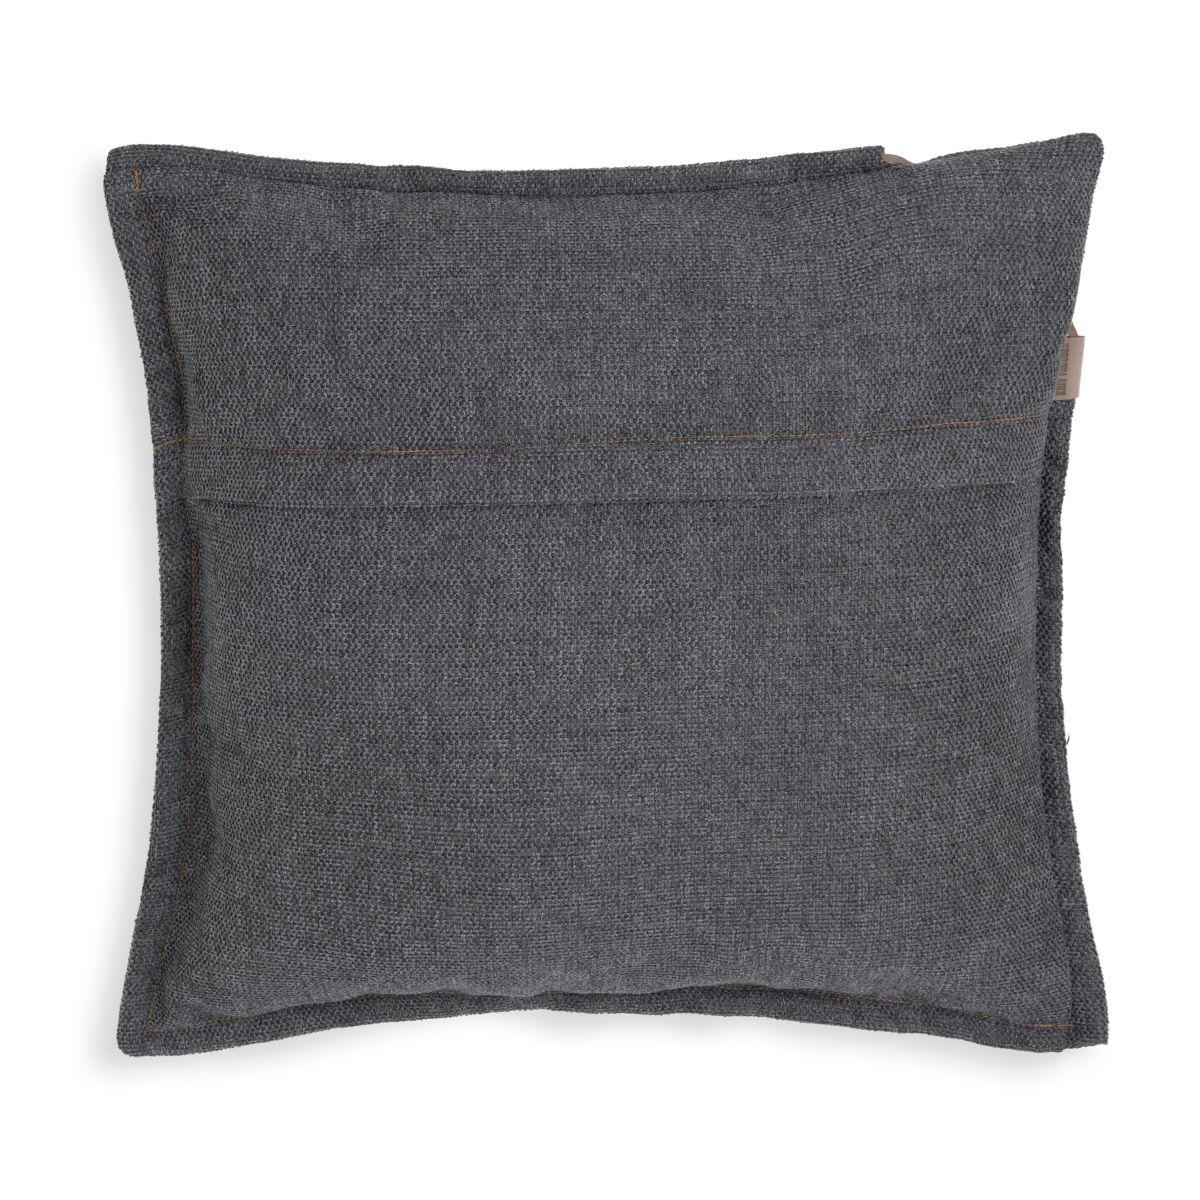 knit factory kf153012010 imre kussen antraciet 50x50 2